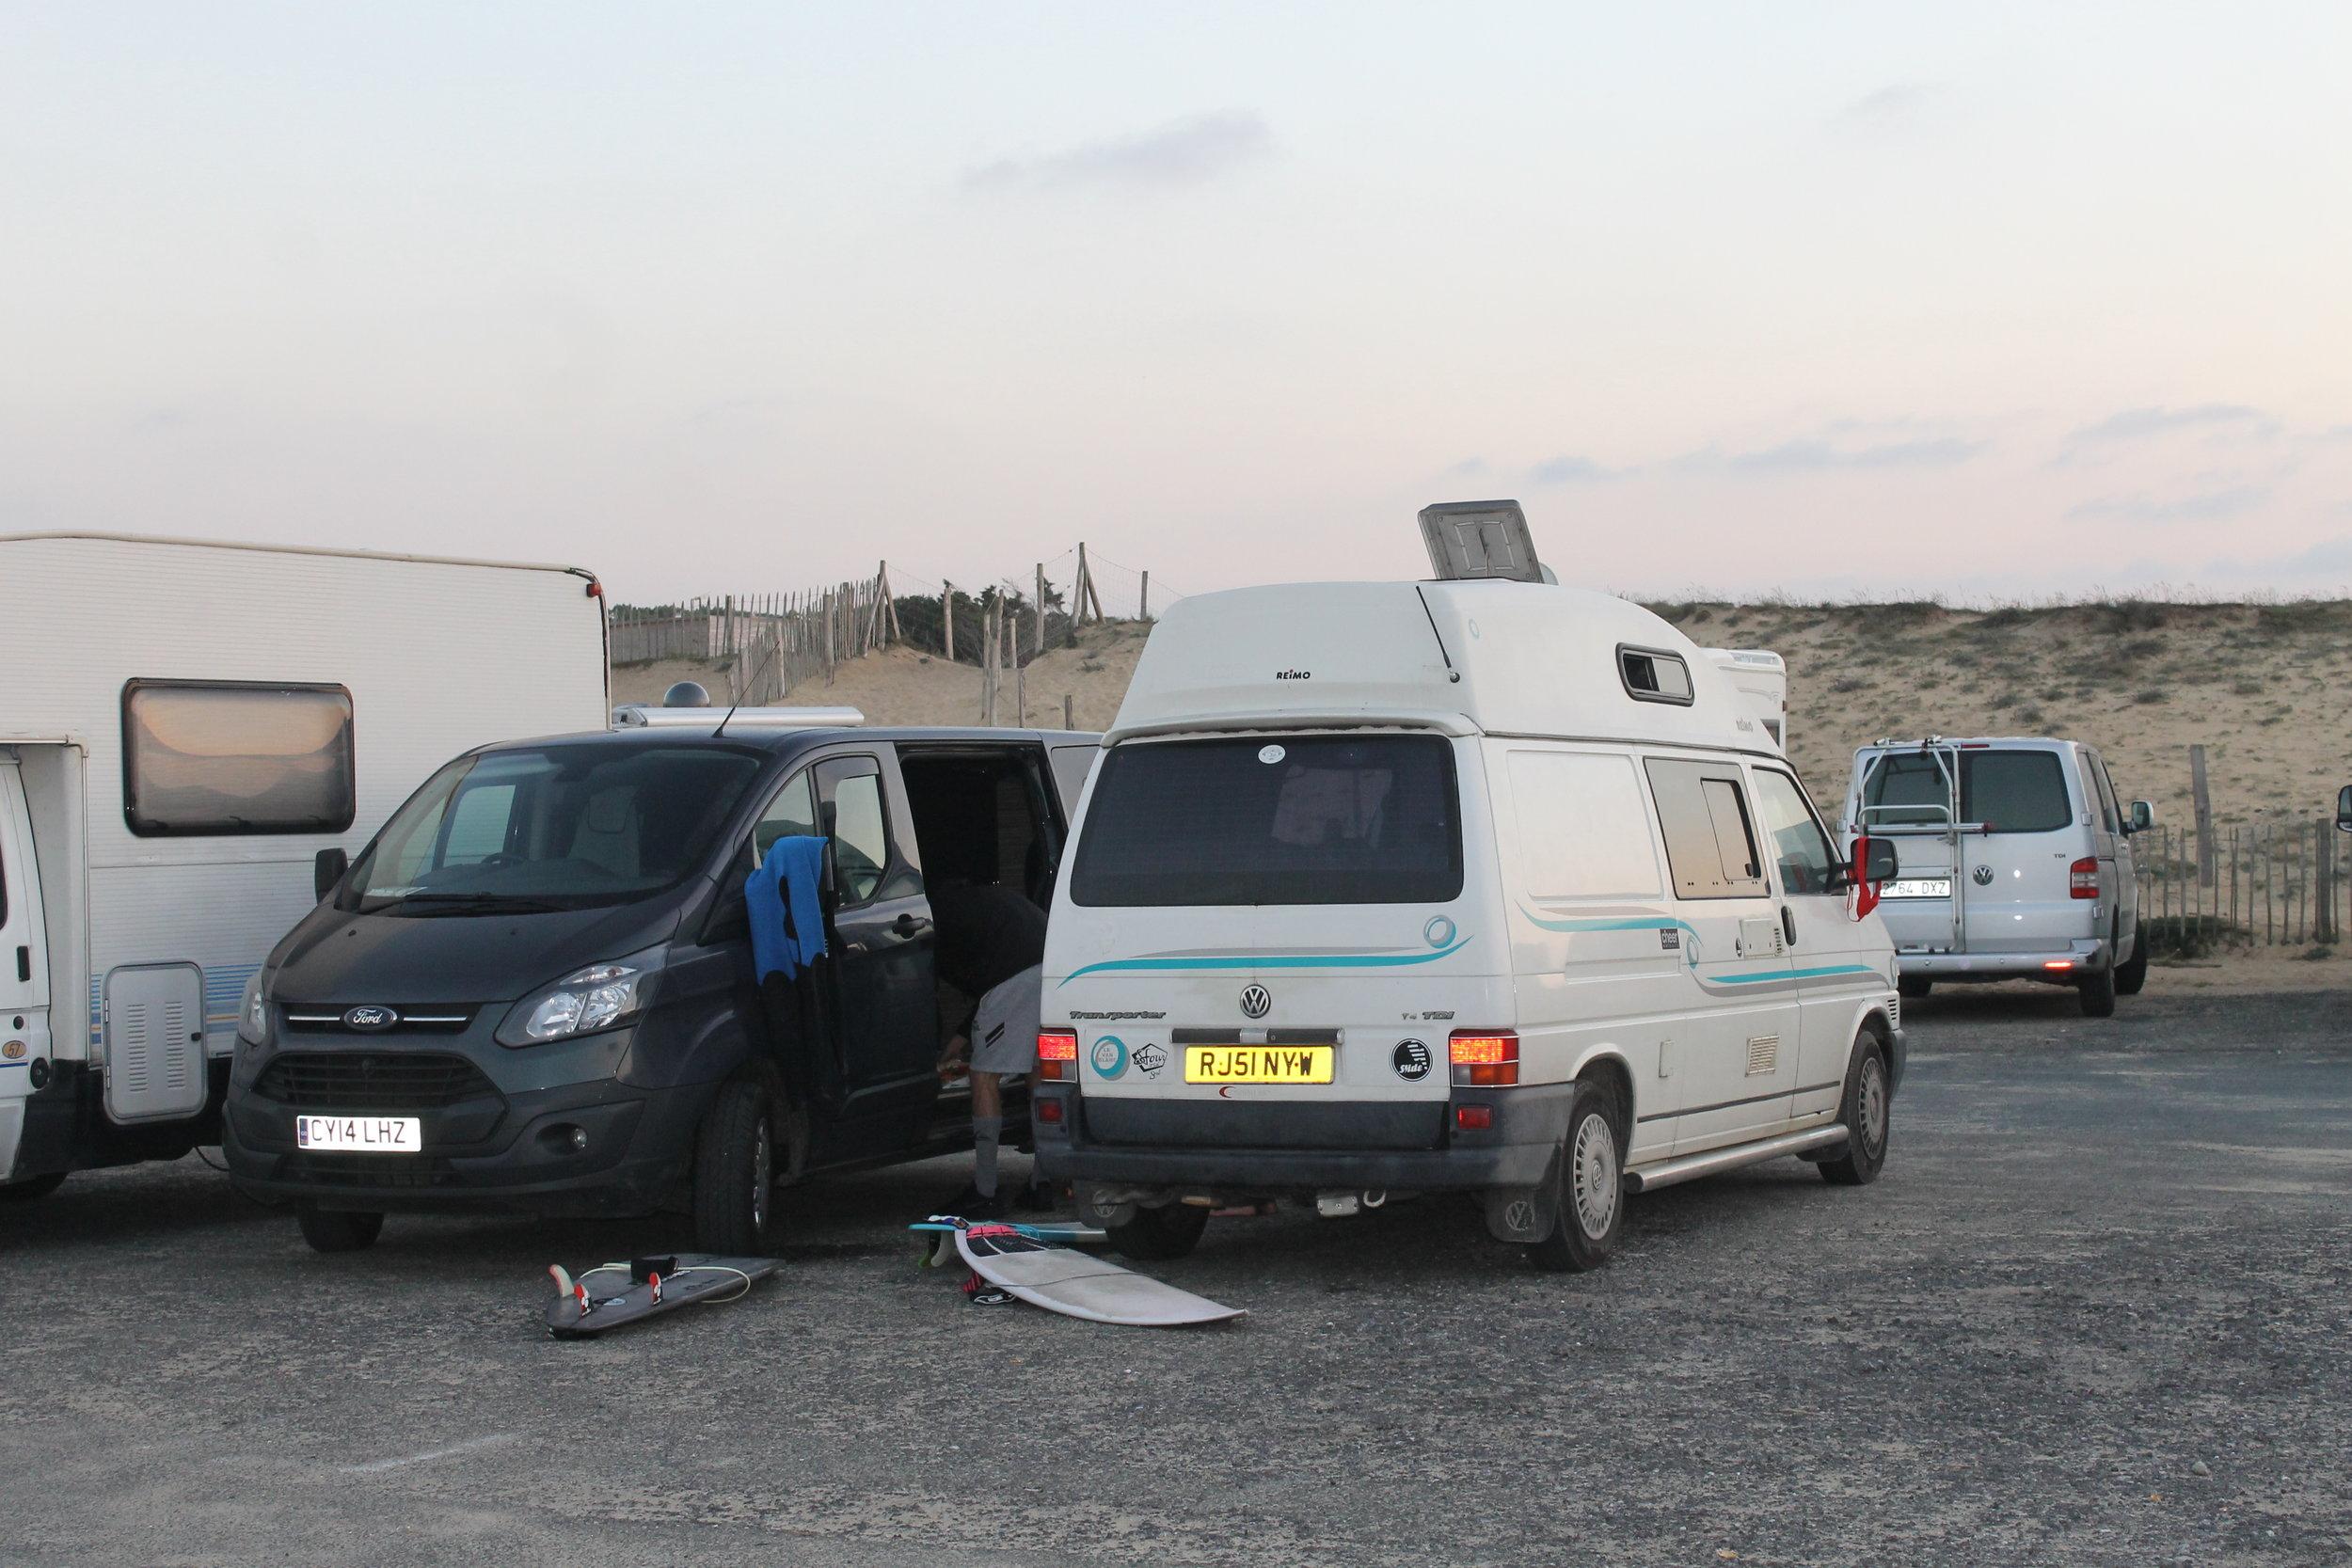 Vans pulled up post surf